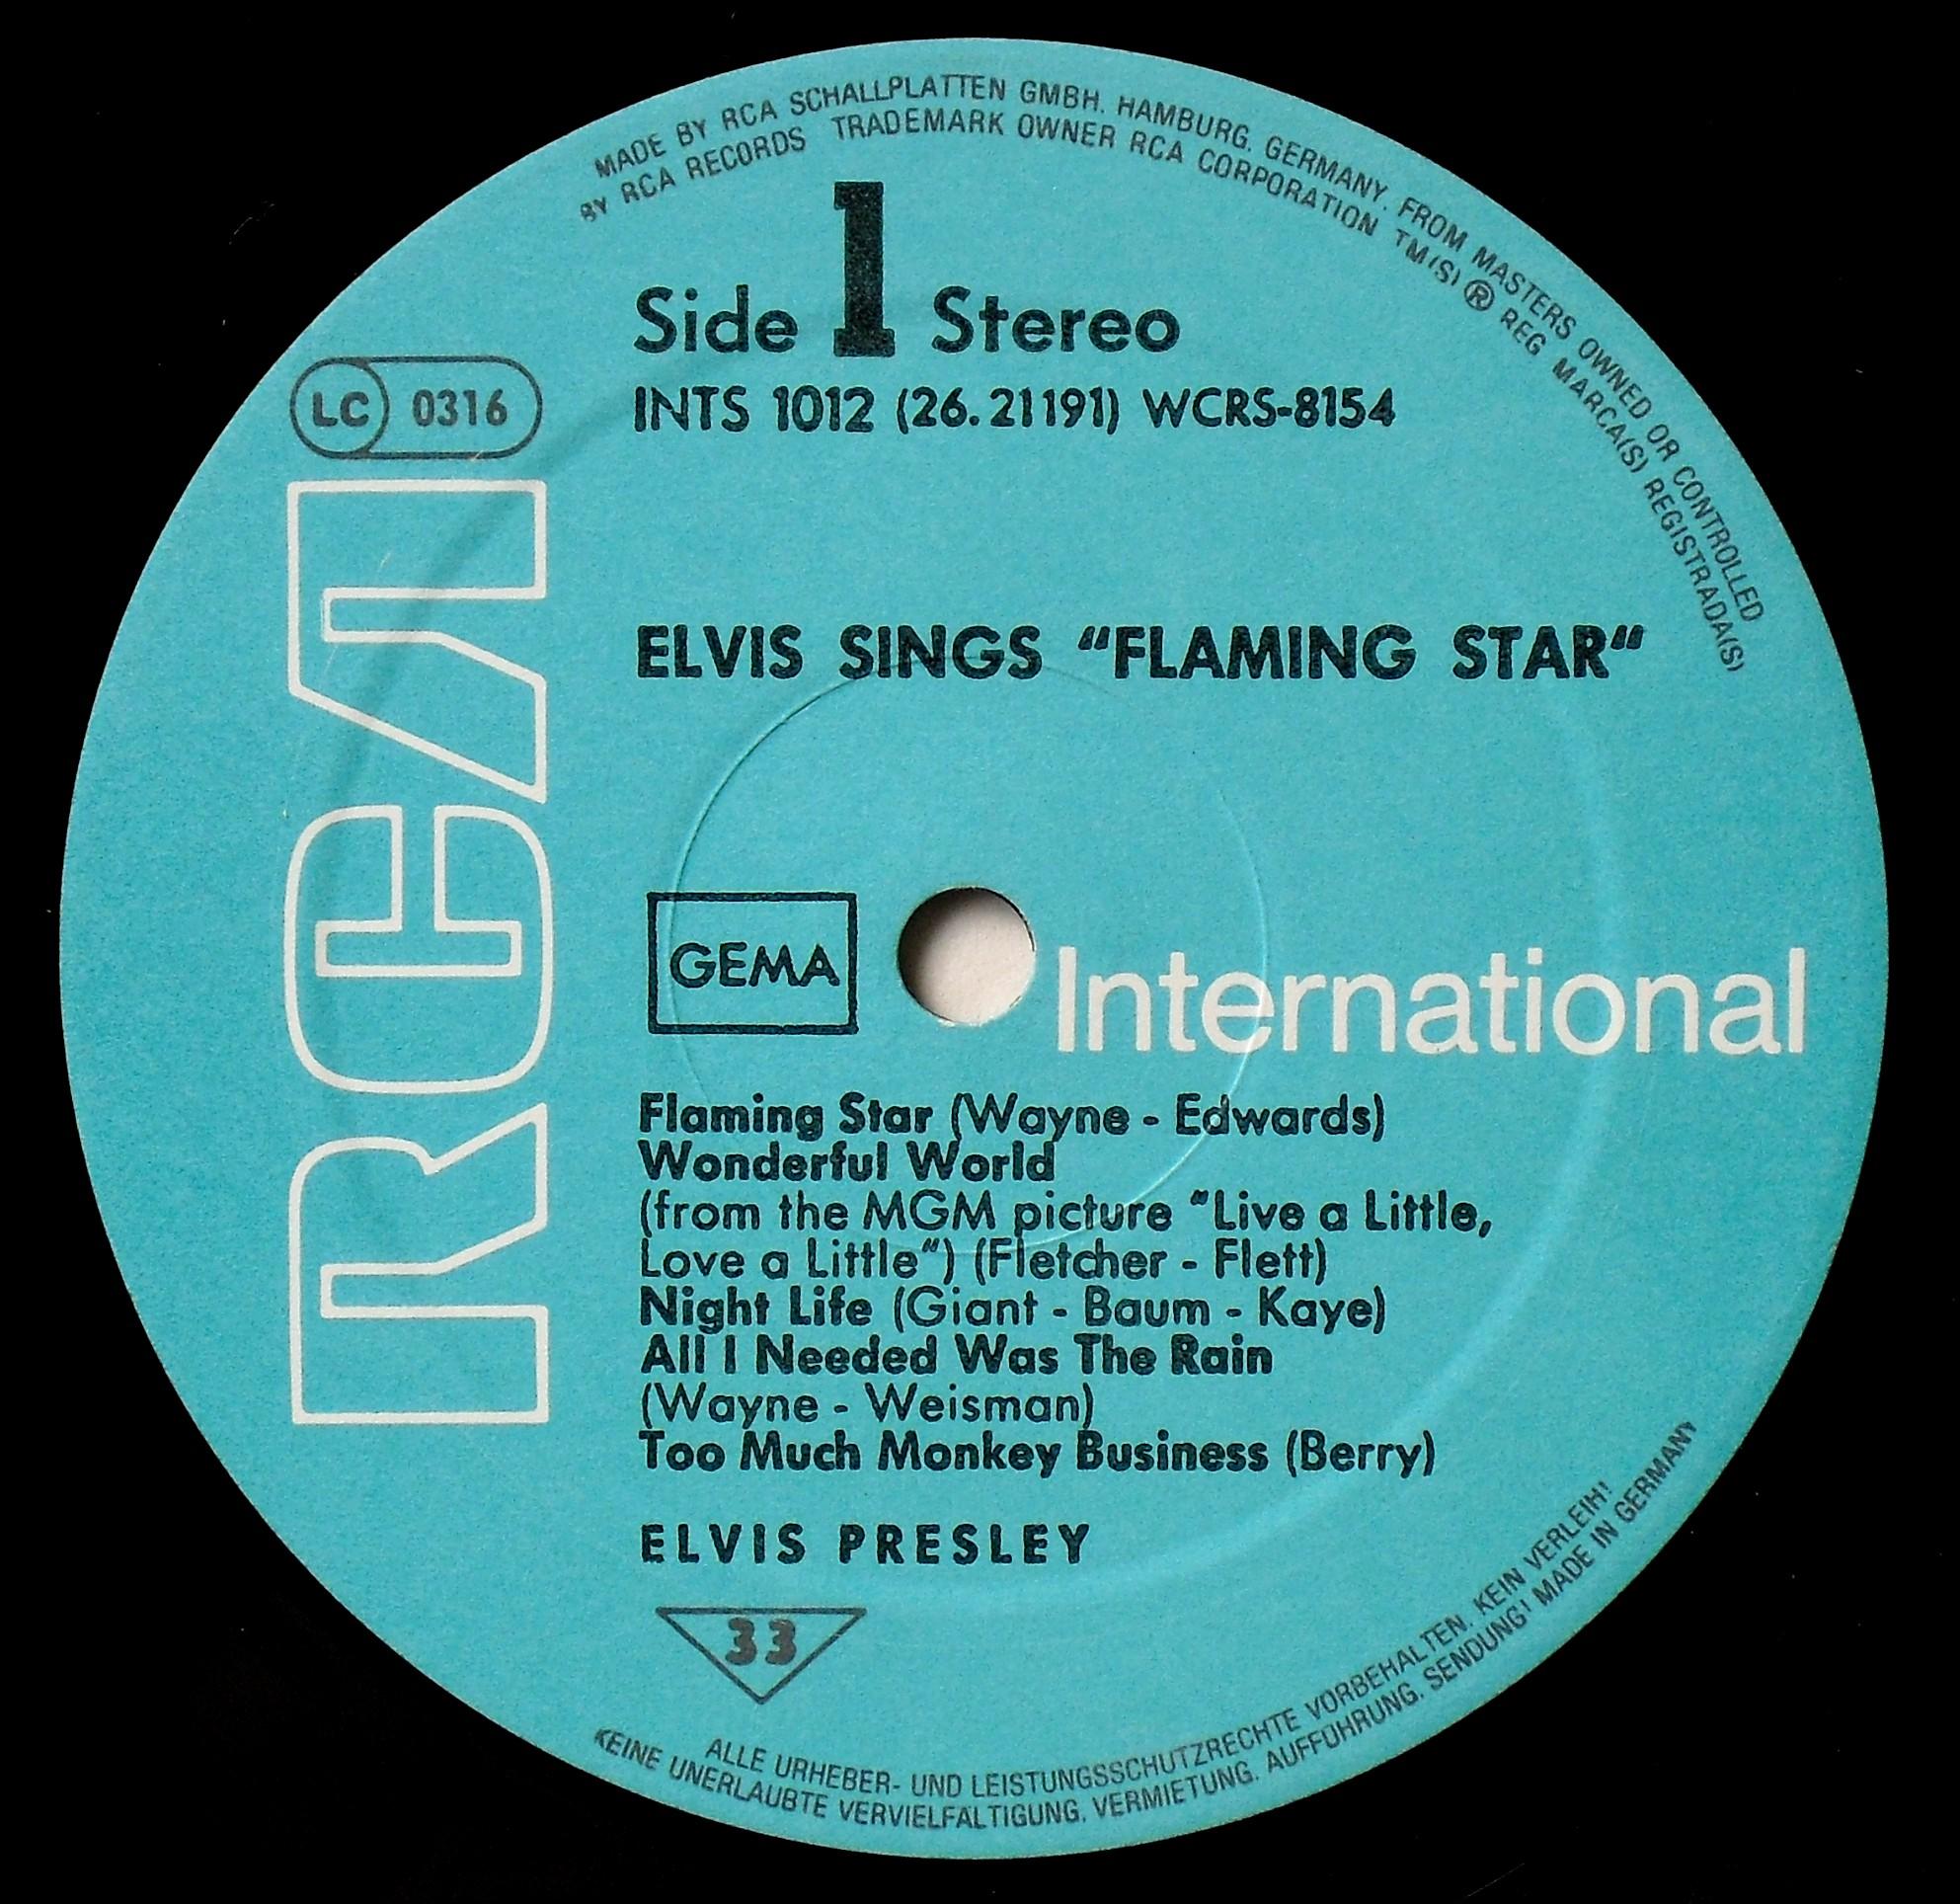 ELVIS SINGS FLAMING STAR 013g9upr